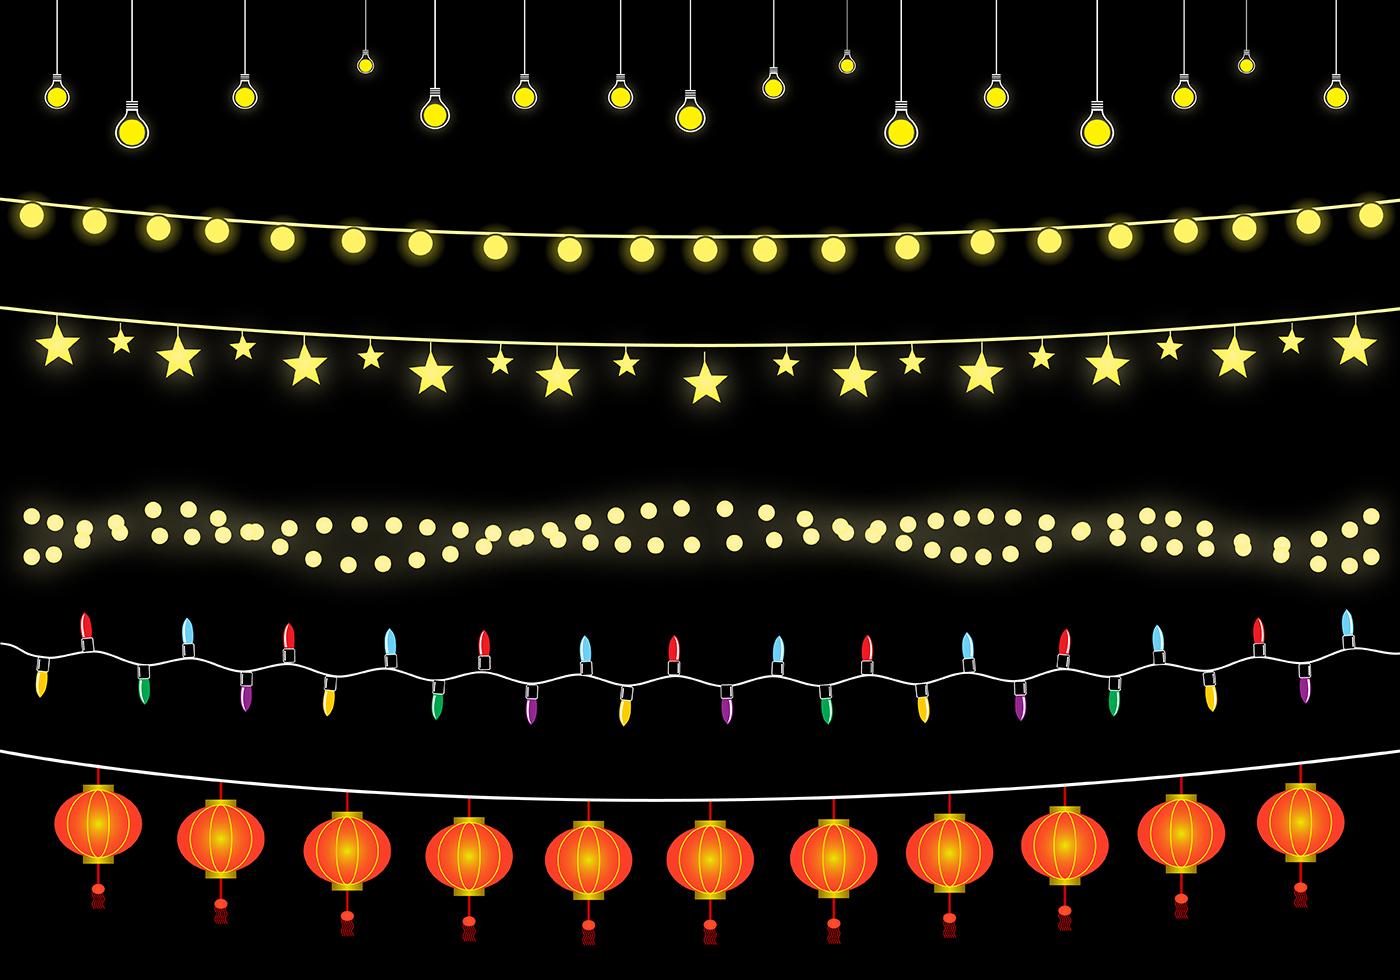 1400x980 Hanging Lights Vector